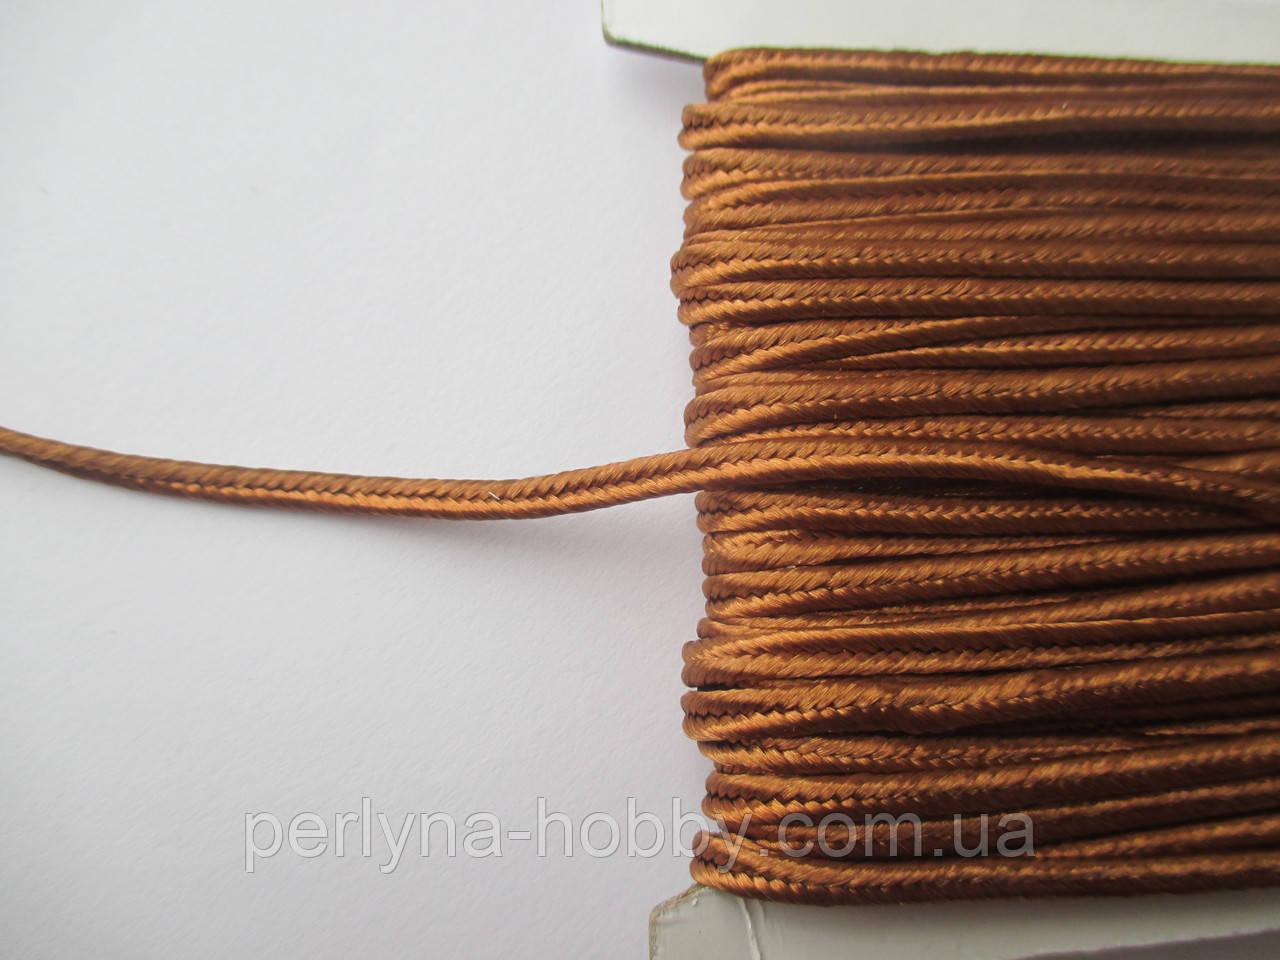 Сутажный шнур Сутаж 3 мм золотисто-коричневий  280